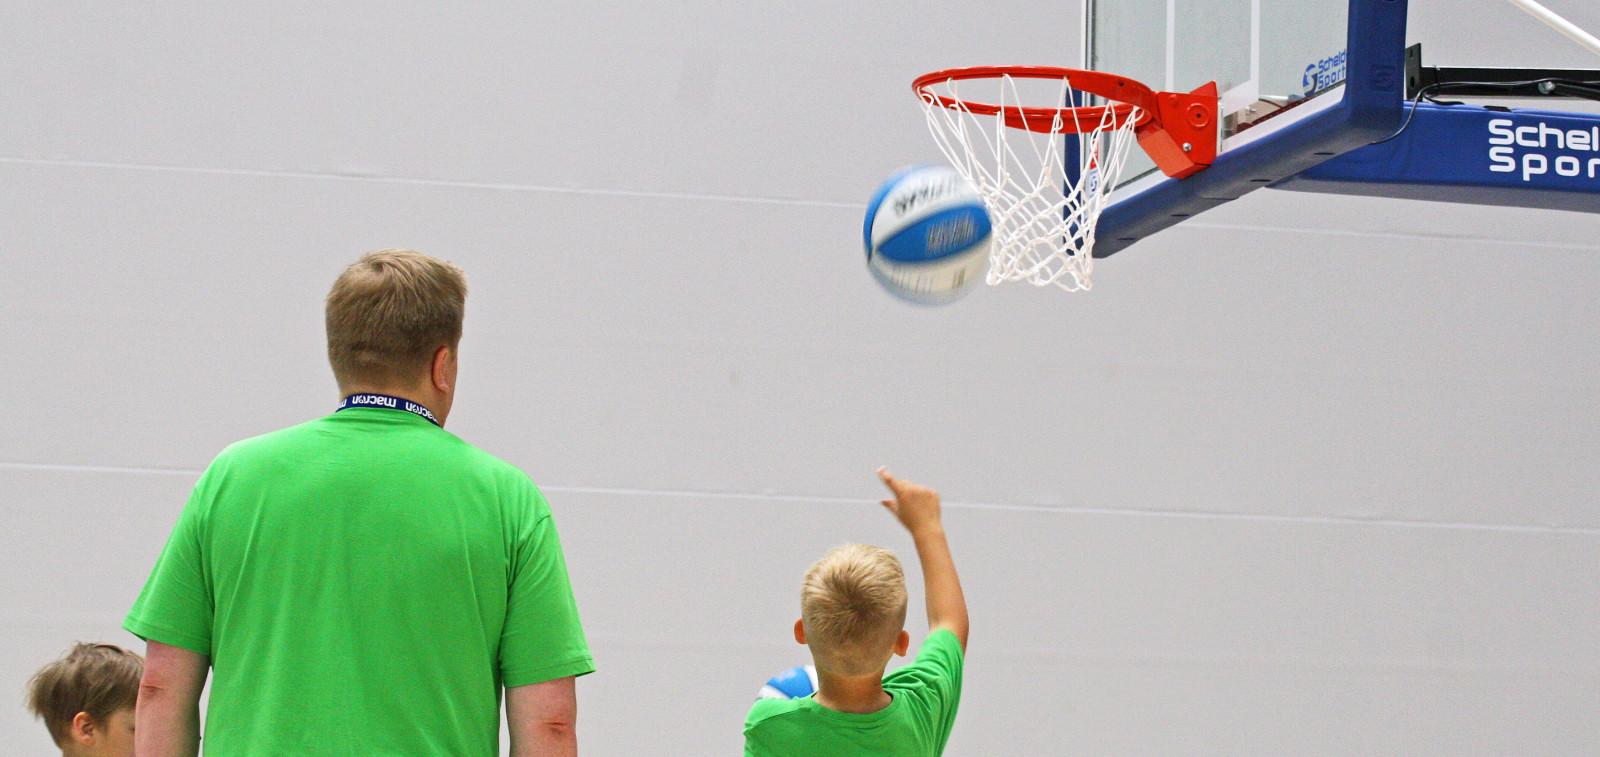 Valmentja ja lapsi koripallokoulussa